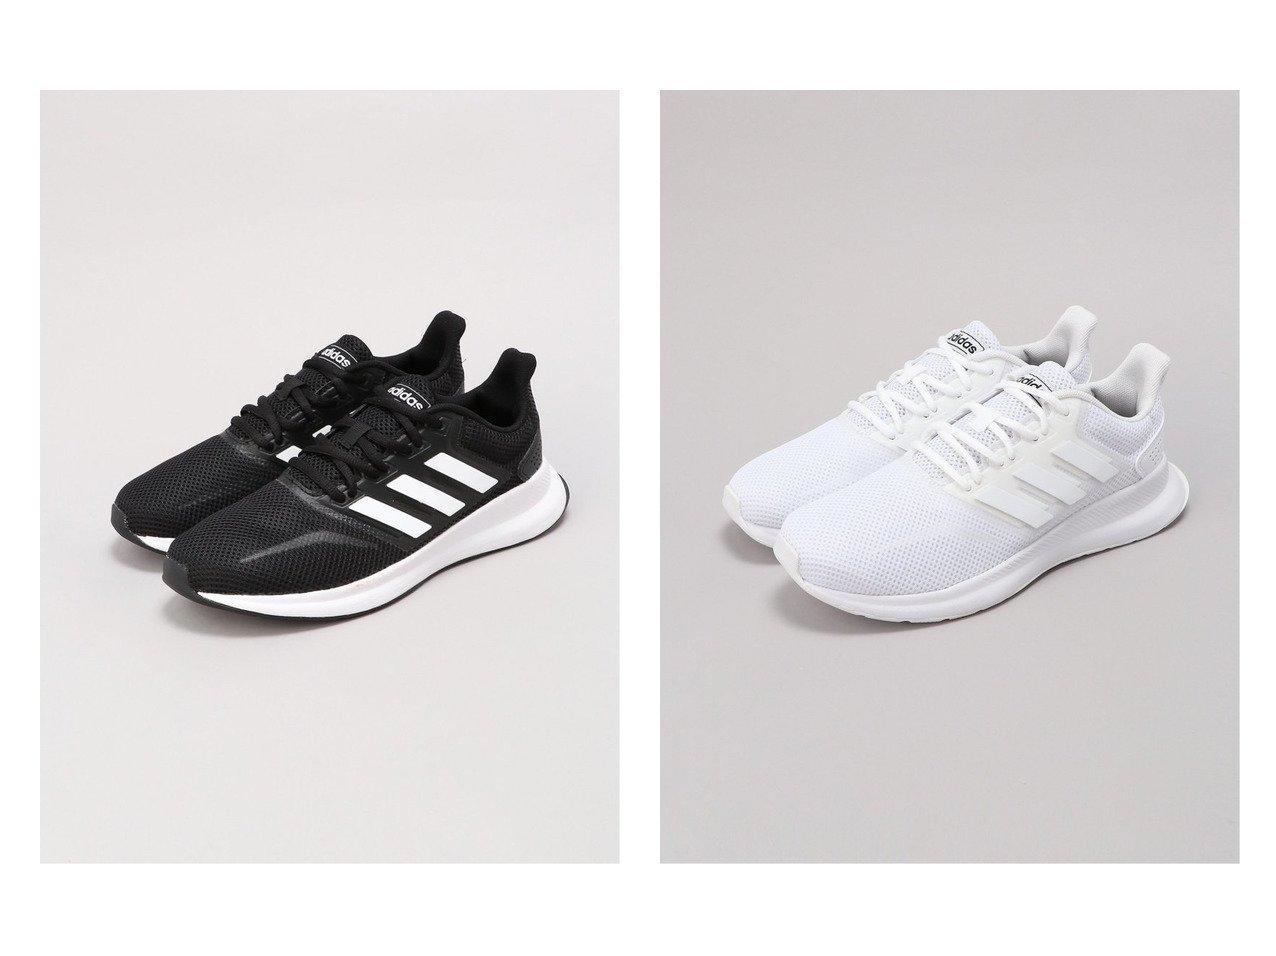 【adidas Sports Performance / MEN/アディダス スポーツ パフォーマンス】のFALCONRUN M 【MEN】おすすめ!人気トレンド・男性、メンズファッションの通販 おすすめで人気の流行・トレンド、ファッションの通販商品 メンズファッション・キッズファッション・インテリア・家具・レディースファッション・服の通販 founy(ファニー) https://founy.com/ ファッション Fashion メンズファッション MEN シューズ・靴 Shoes Men スニーカー Sneakers シューズ スニーカー スリッポン ミックス ランニング 軽量  ID:crp329100000019714